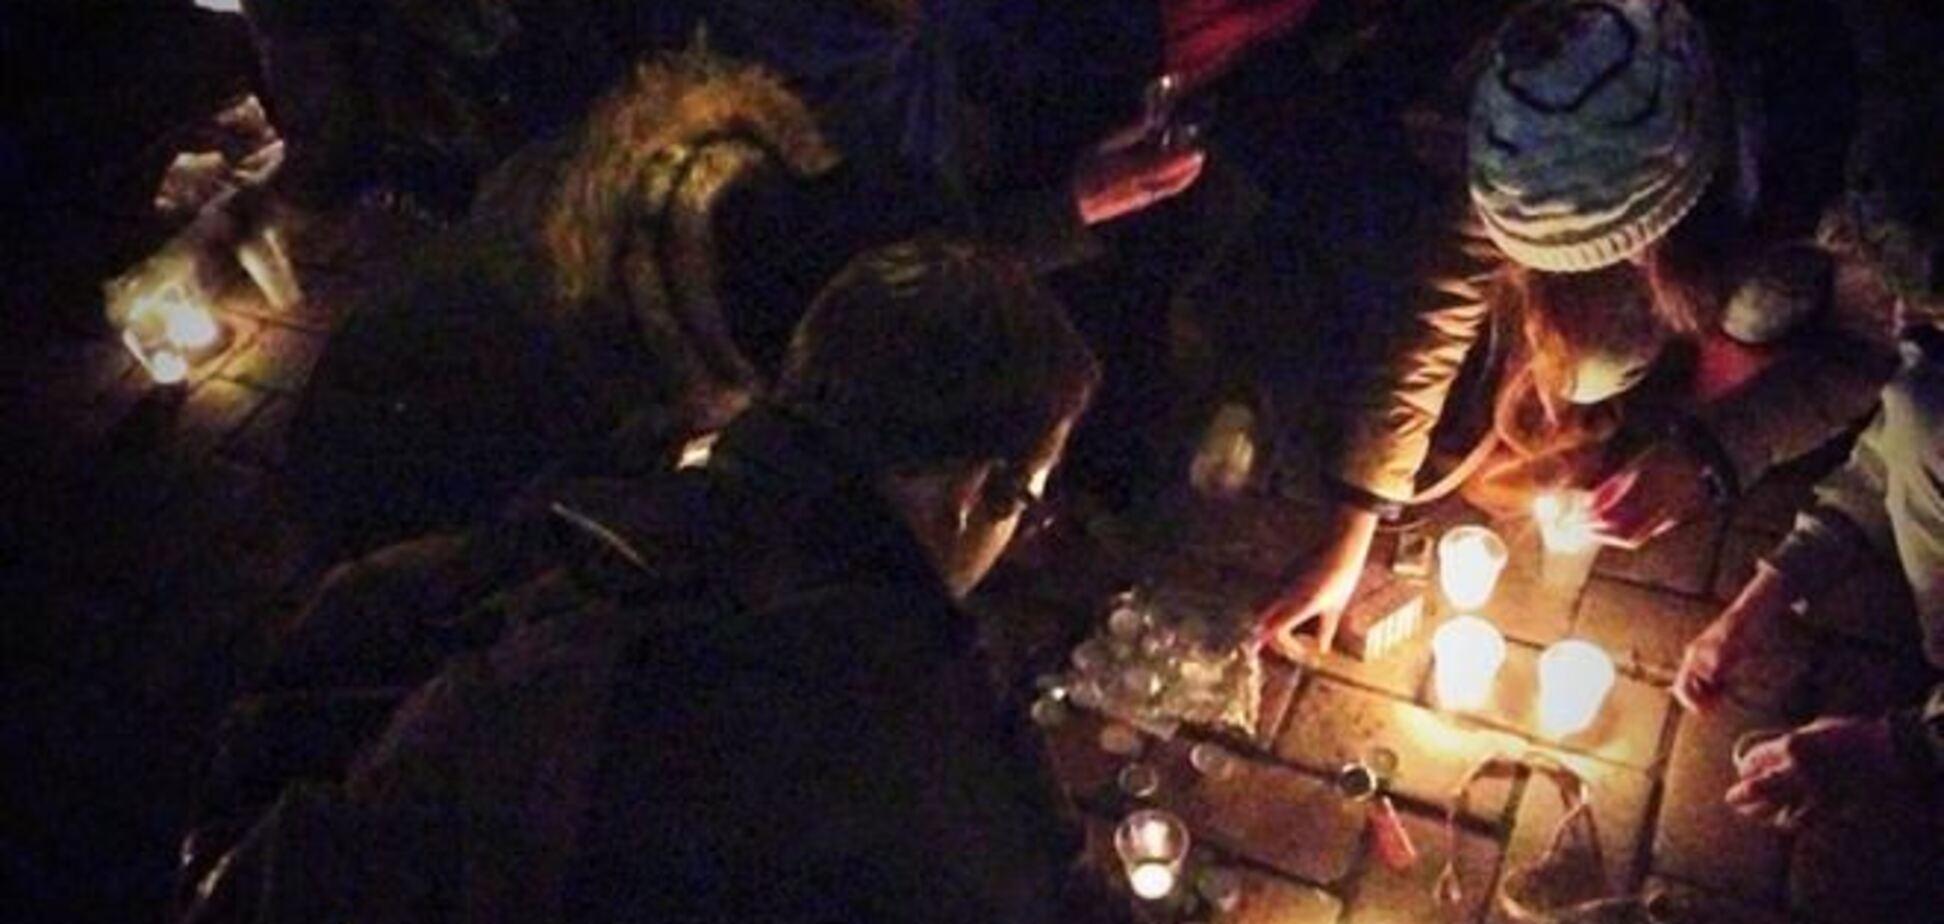 На Евромайдане в знак протеста зажгли свечи